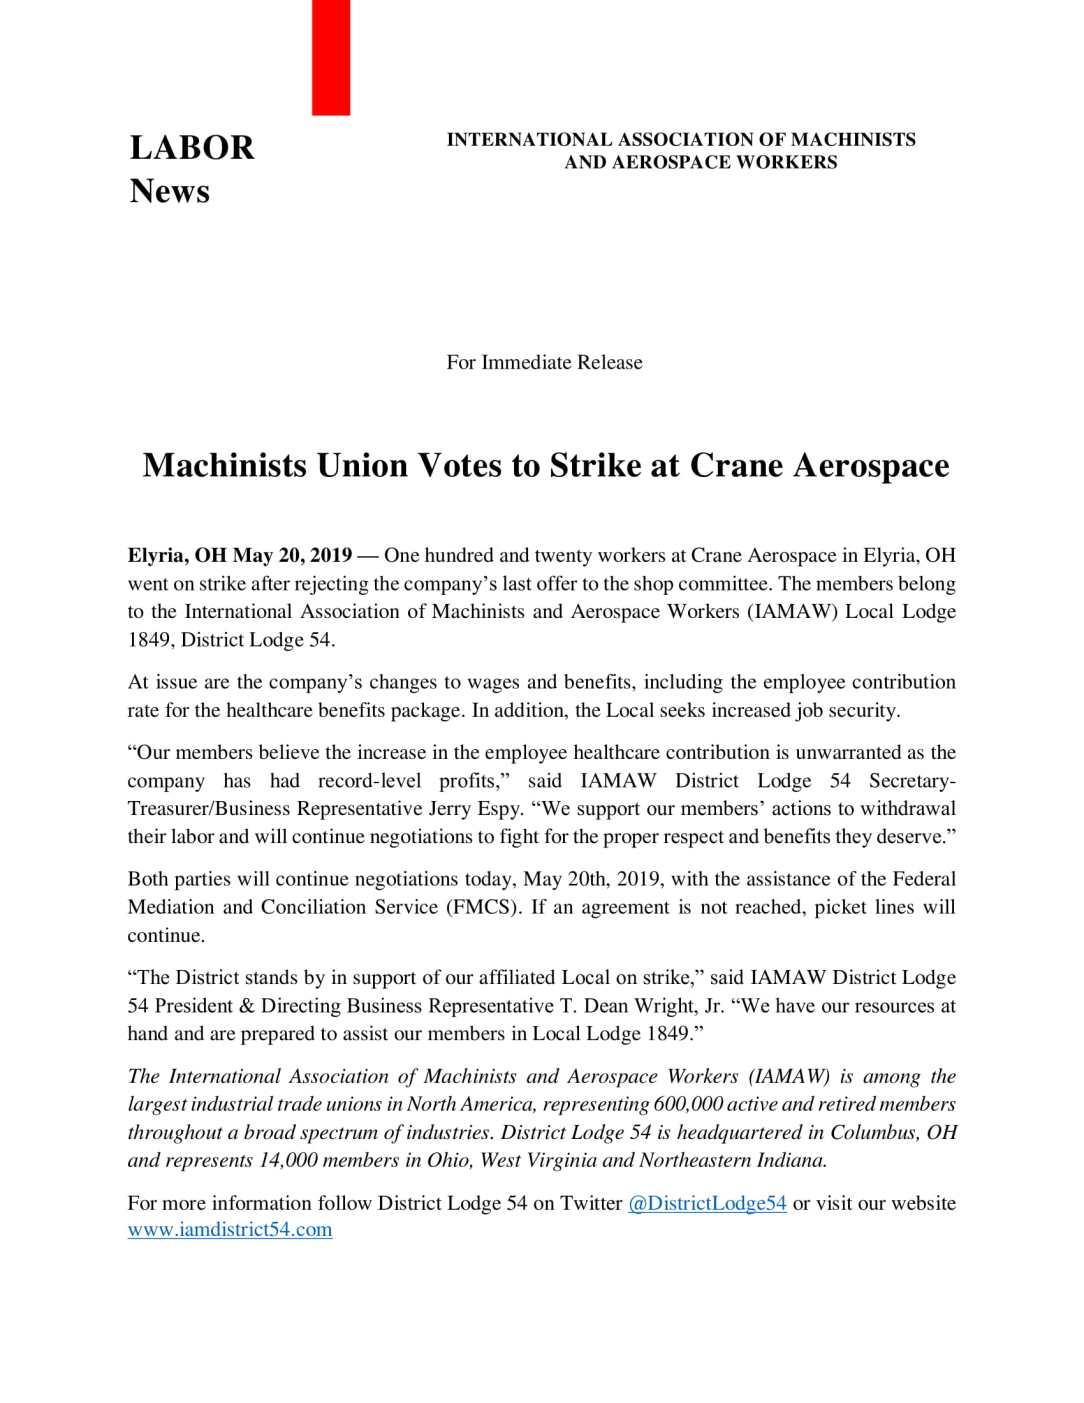 IAM LL1849_DL54_Crane Aerospace_Strike_Press Release-1